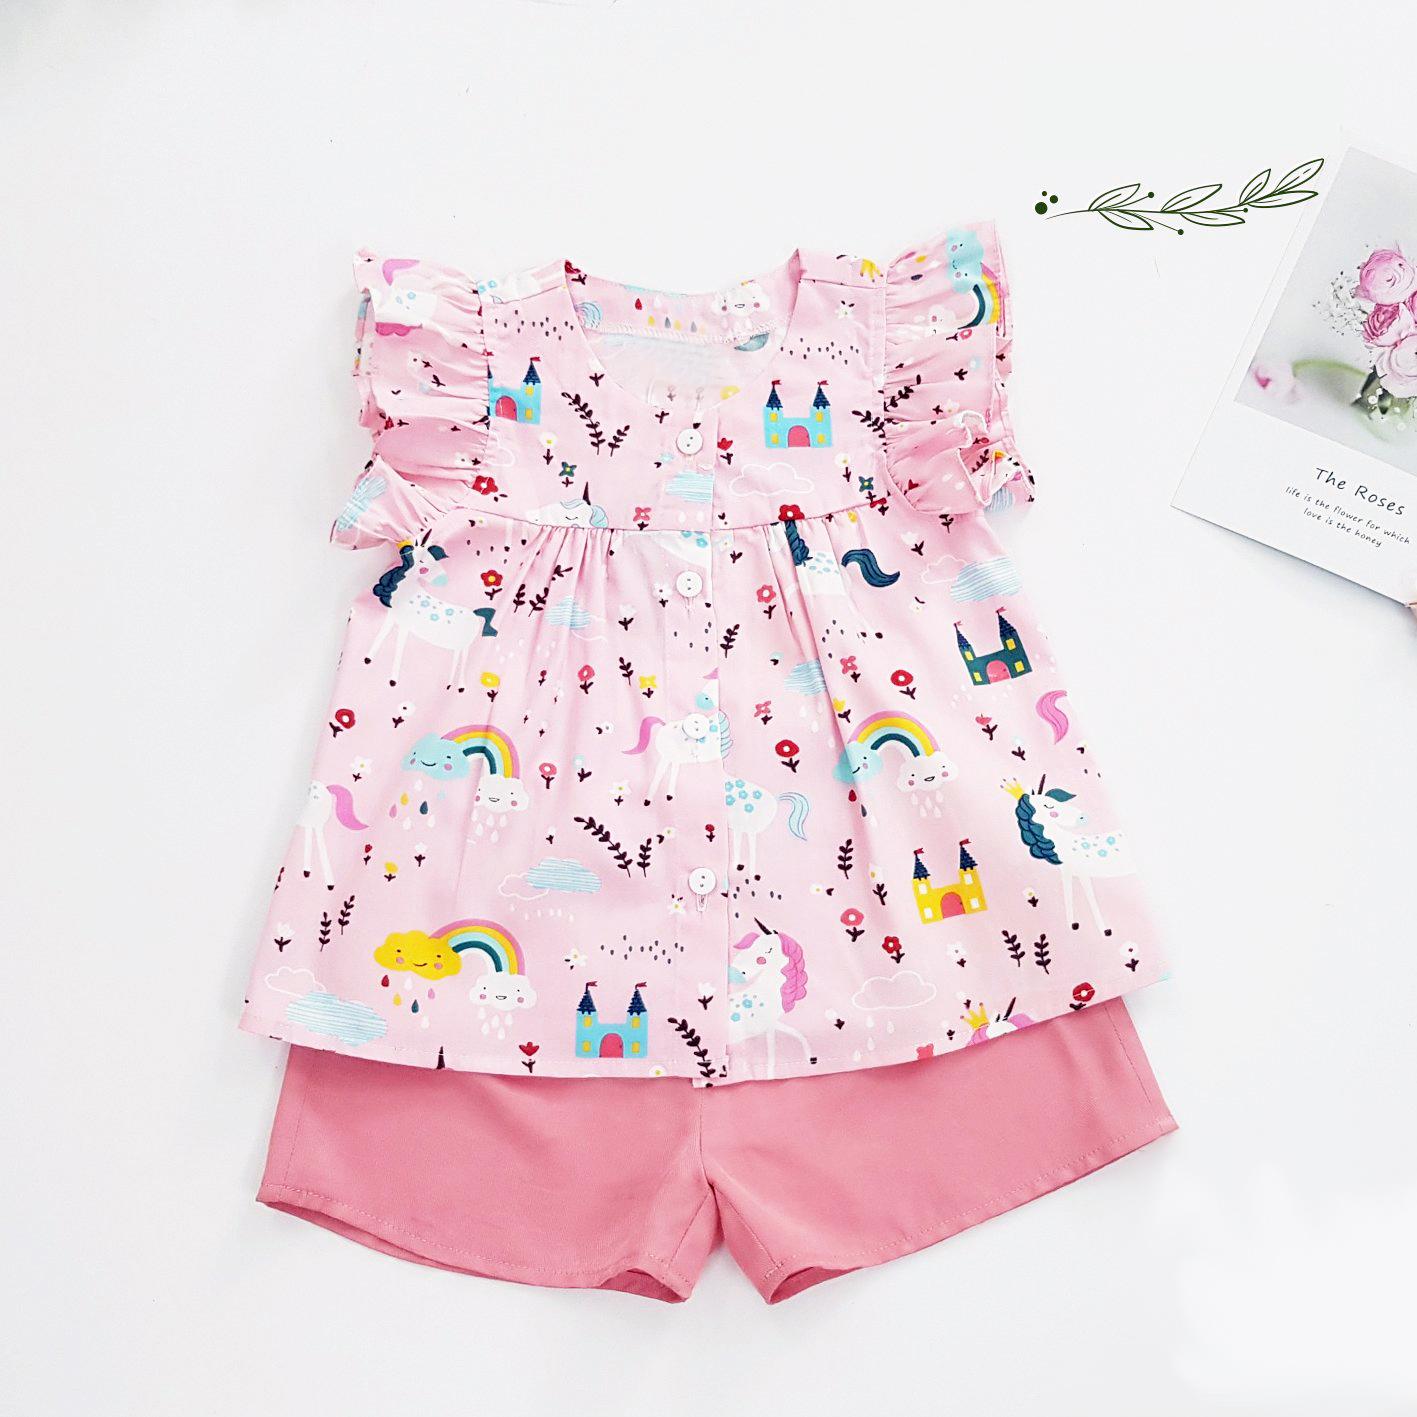 Đồ bộ cho bé gái áo hồng Pony ngựa cầu vồng quần hồng set trang phục bé gái từ 1-10 tuổi (8-36kg)